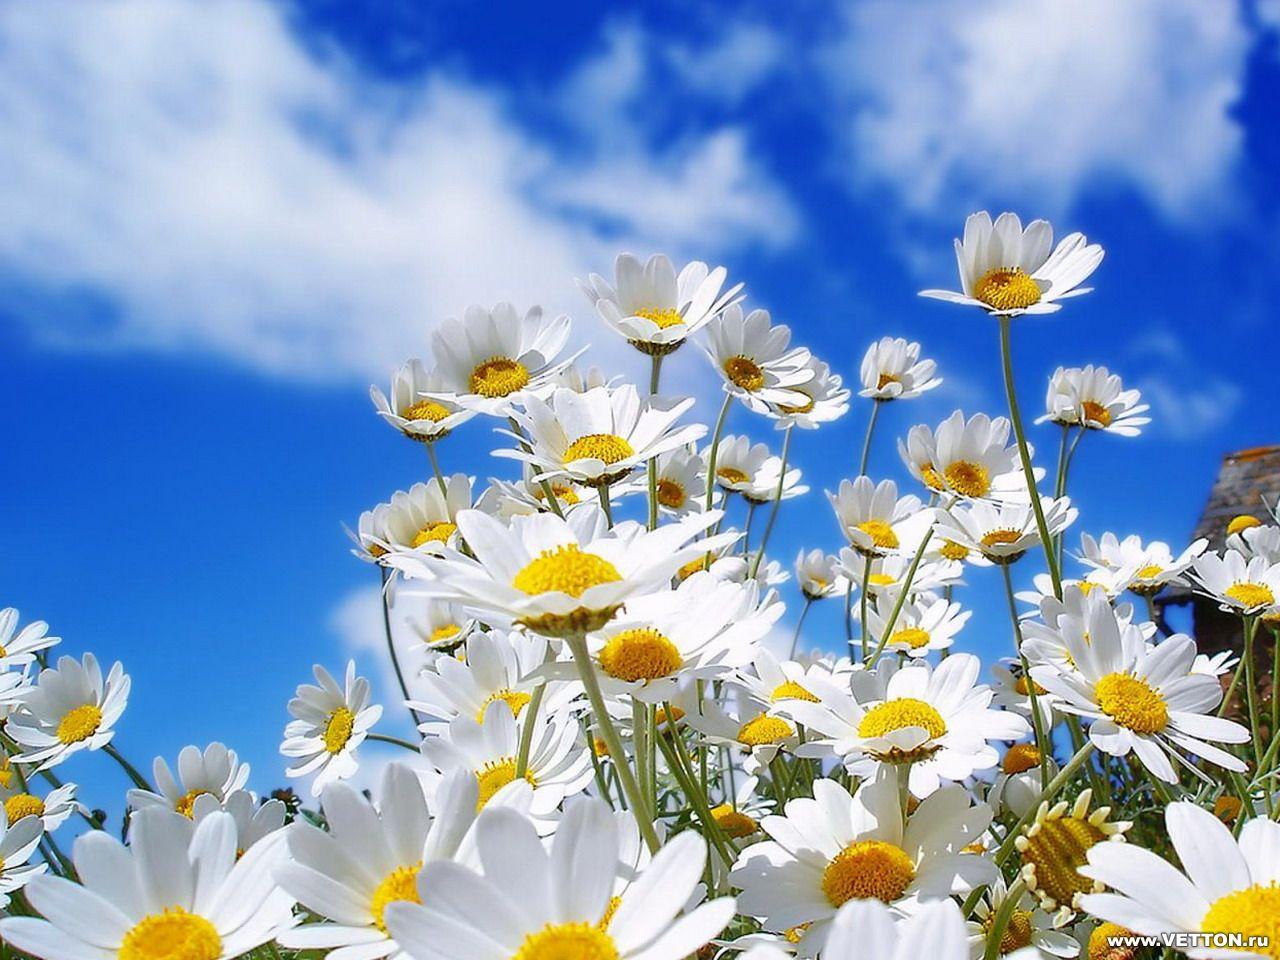 Обои для рабочего стола Цветы № 353